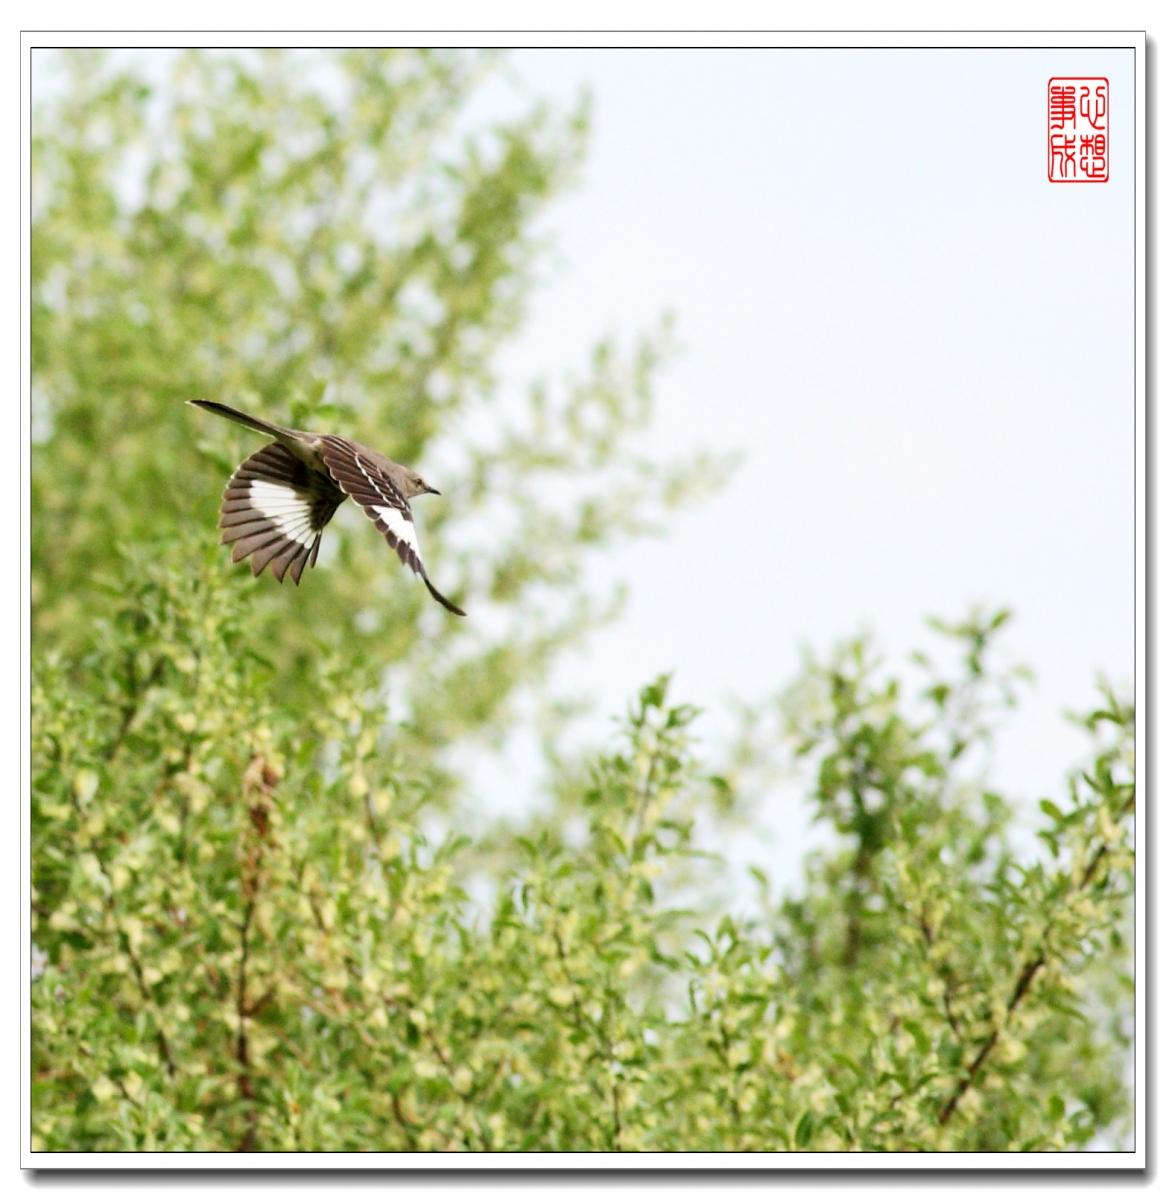 【心想事成】 飞鸟随拍图_图1-4